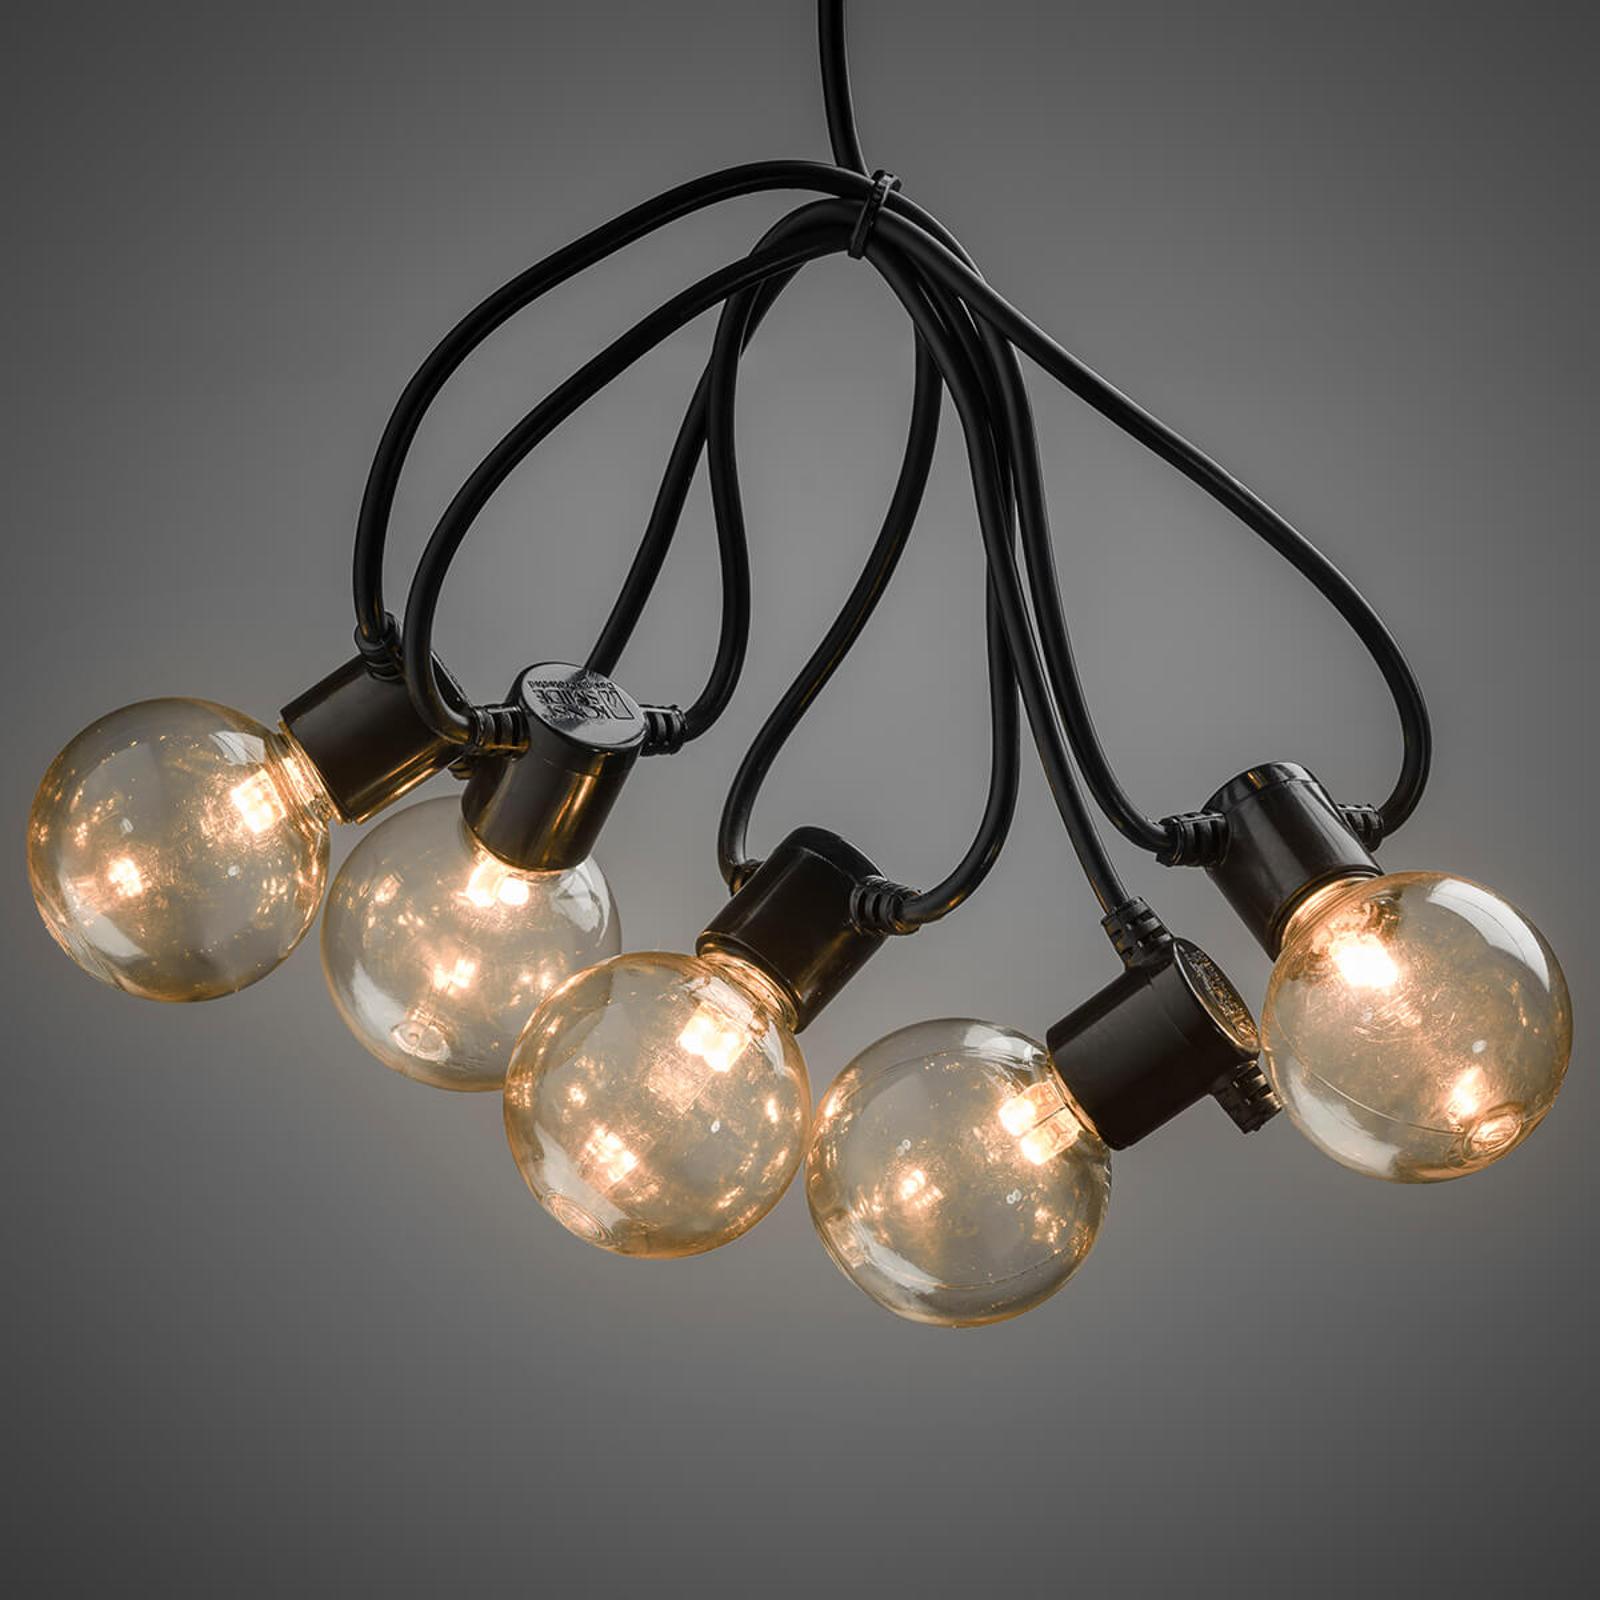 LED-lyslenke glødetråd-optikk rav 10-lk